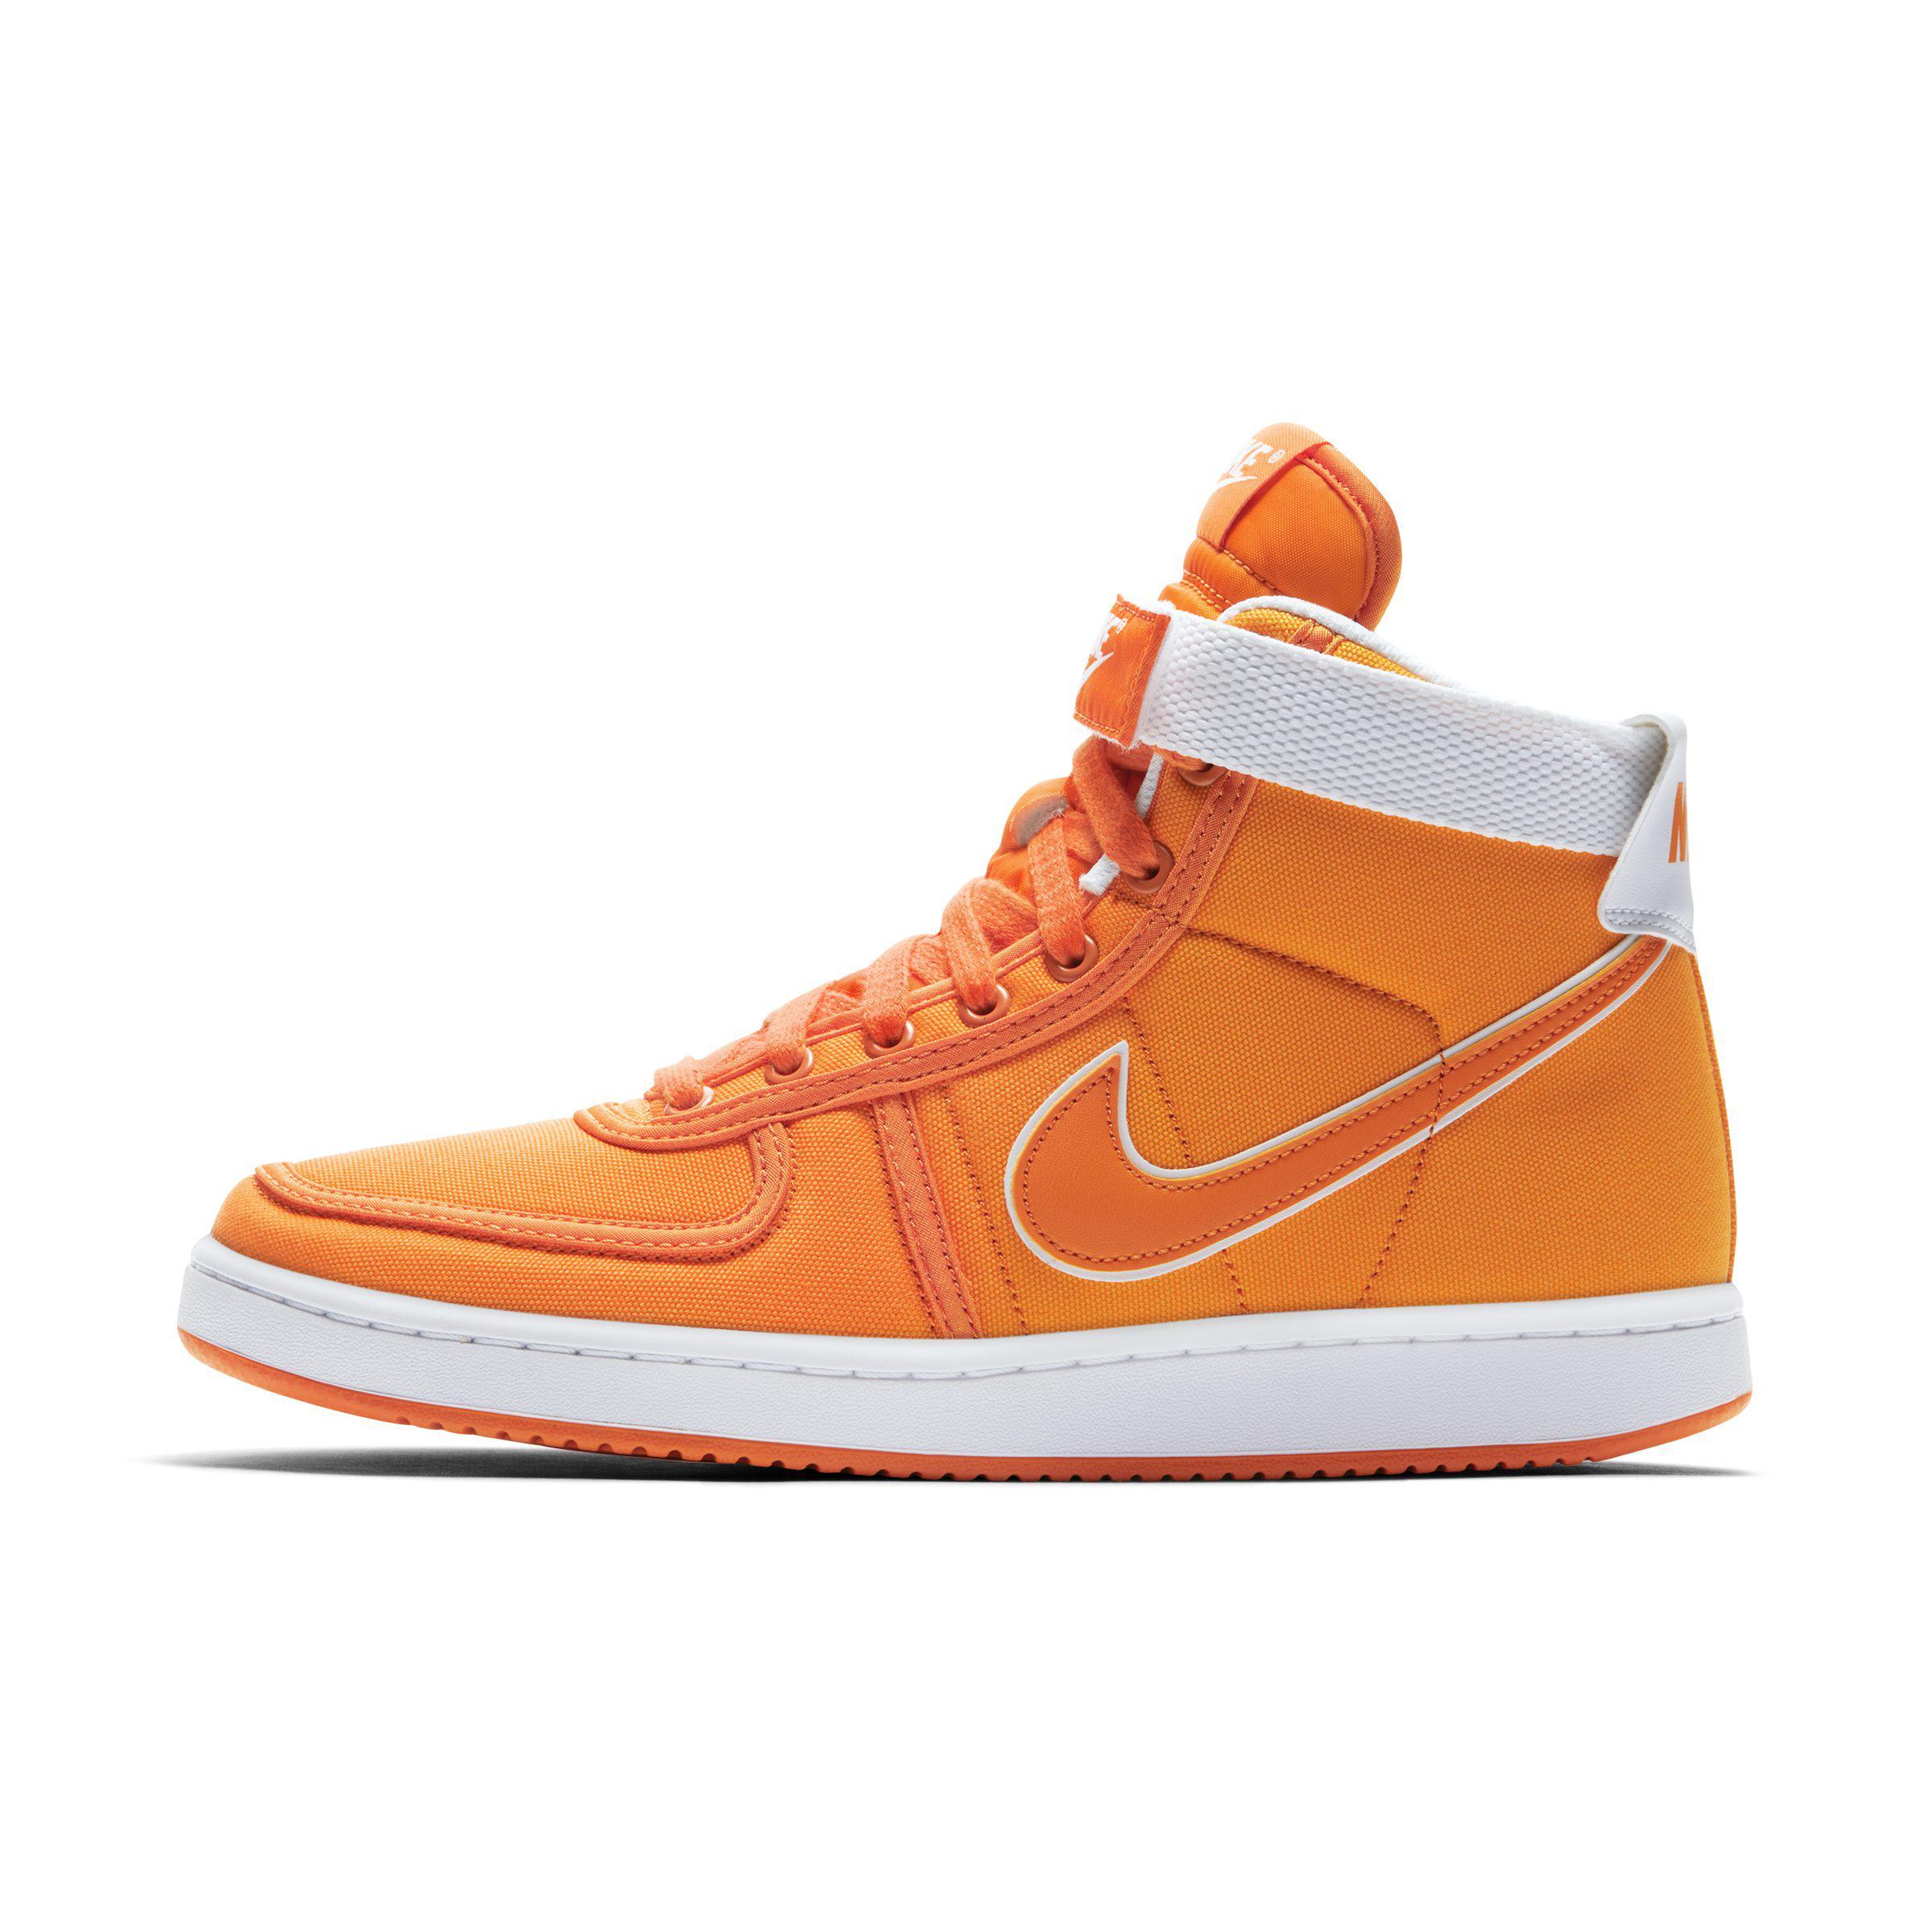 wholesale dealer 3a4b2 59840 Vandal High Supreme QS Zapatillas Nike de hombre de color Naranja - Lyst